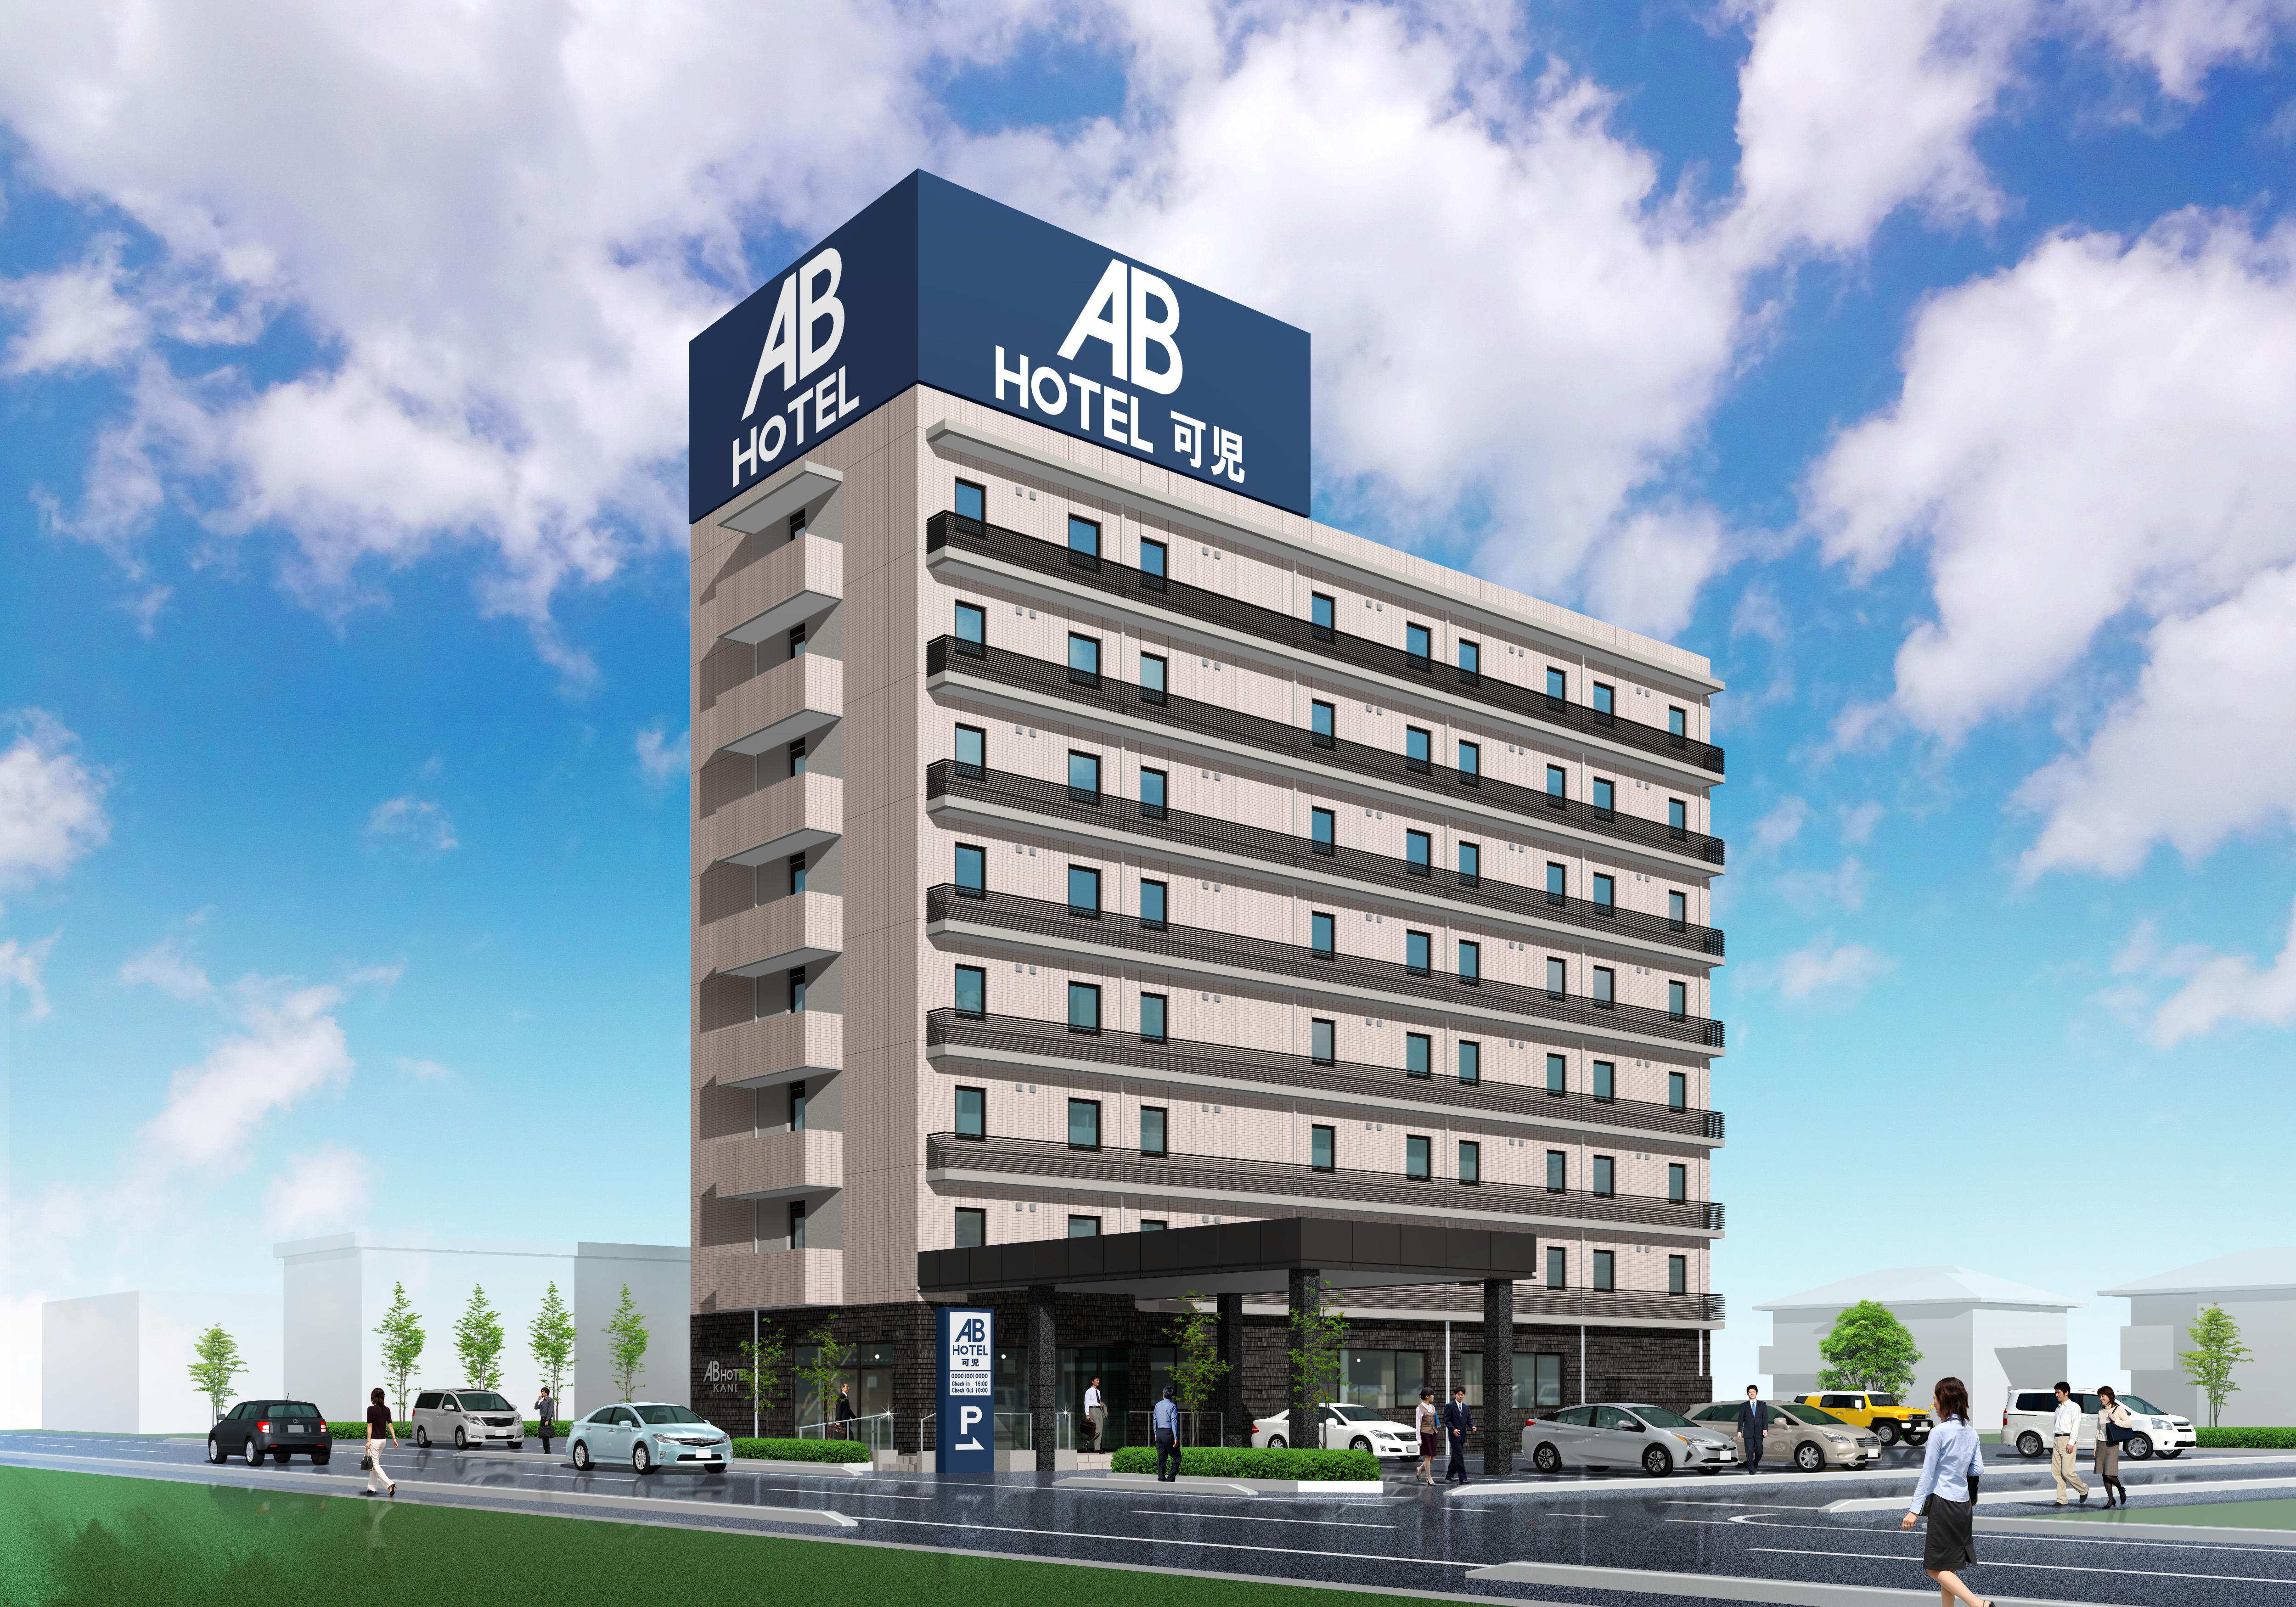 ABホテル可児